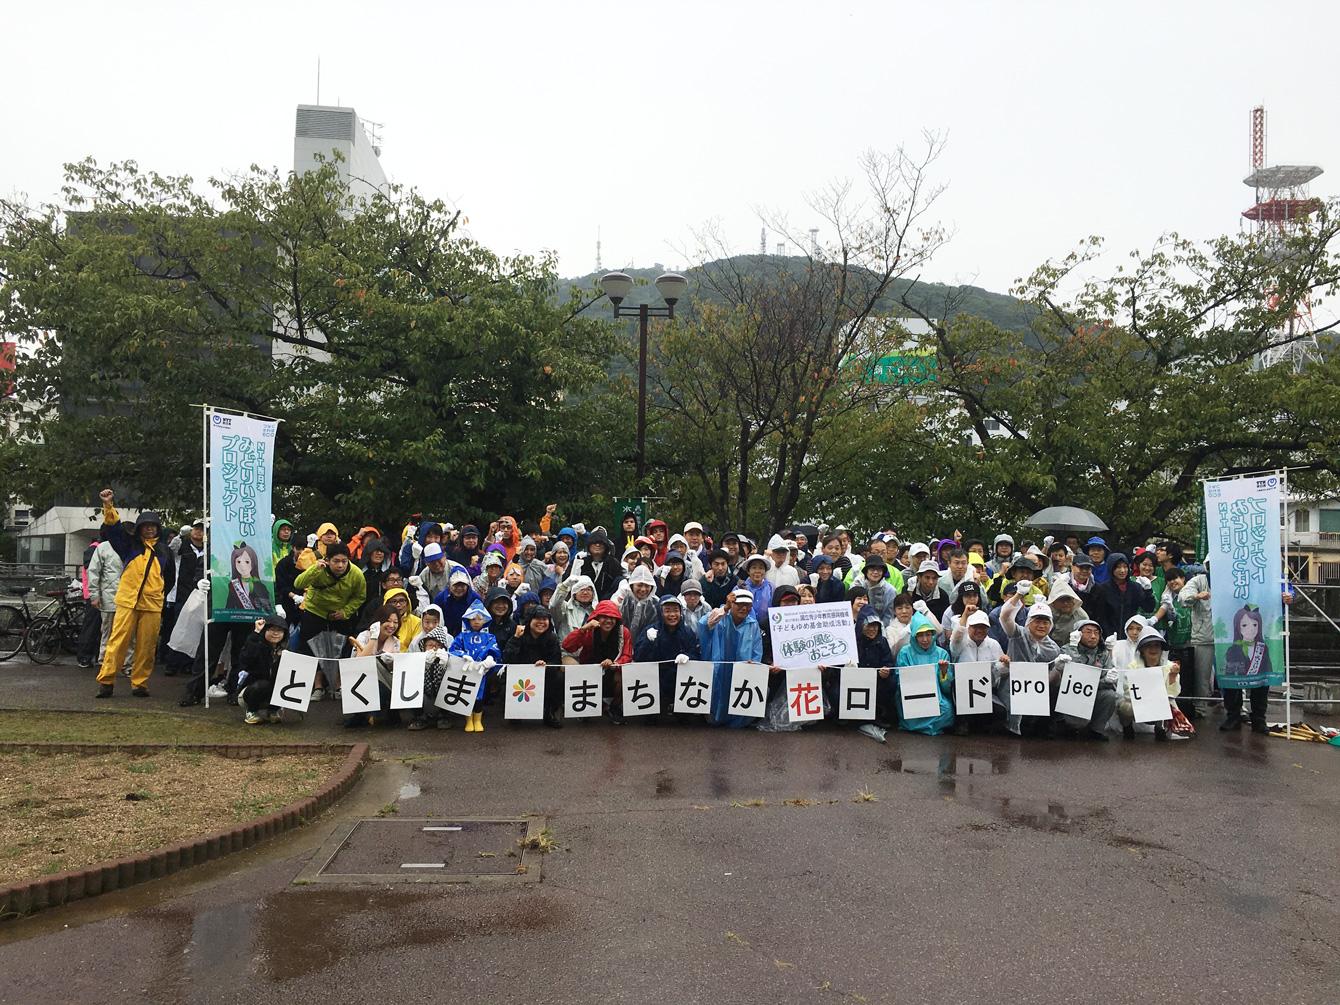 9月16日行われた「花植え会」の様子。雨の中でもたくさんの人が参加されていました。